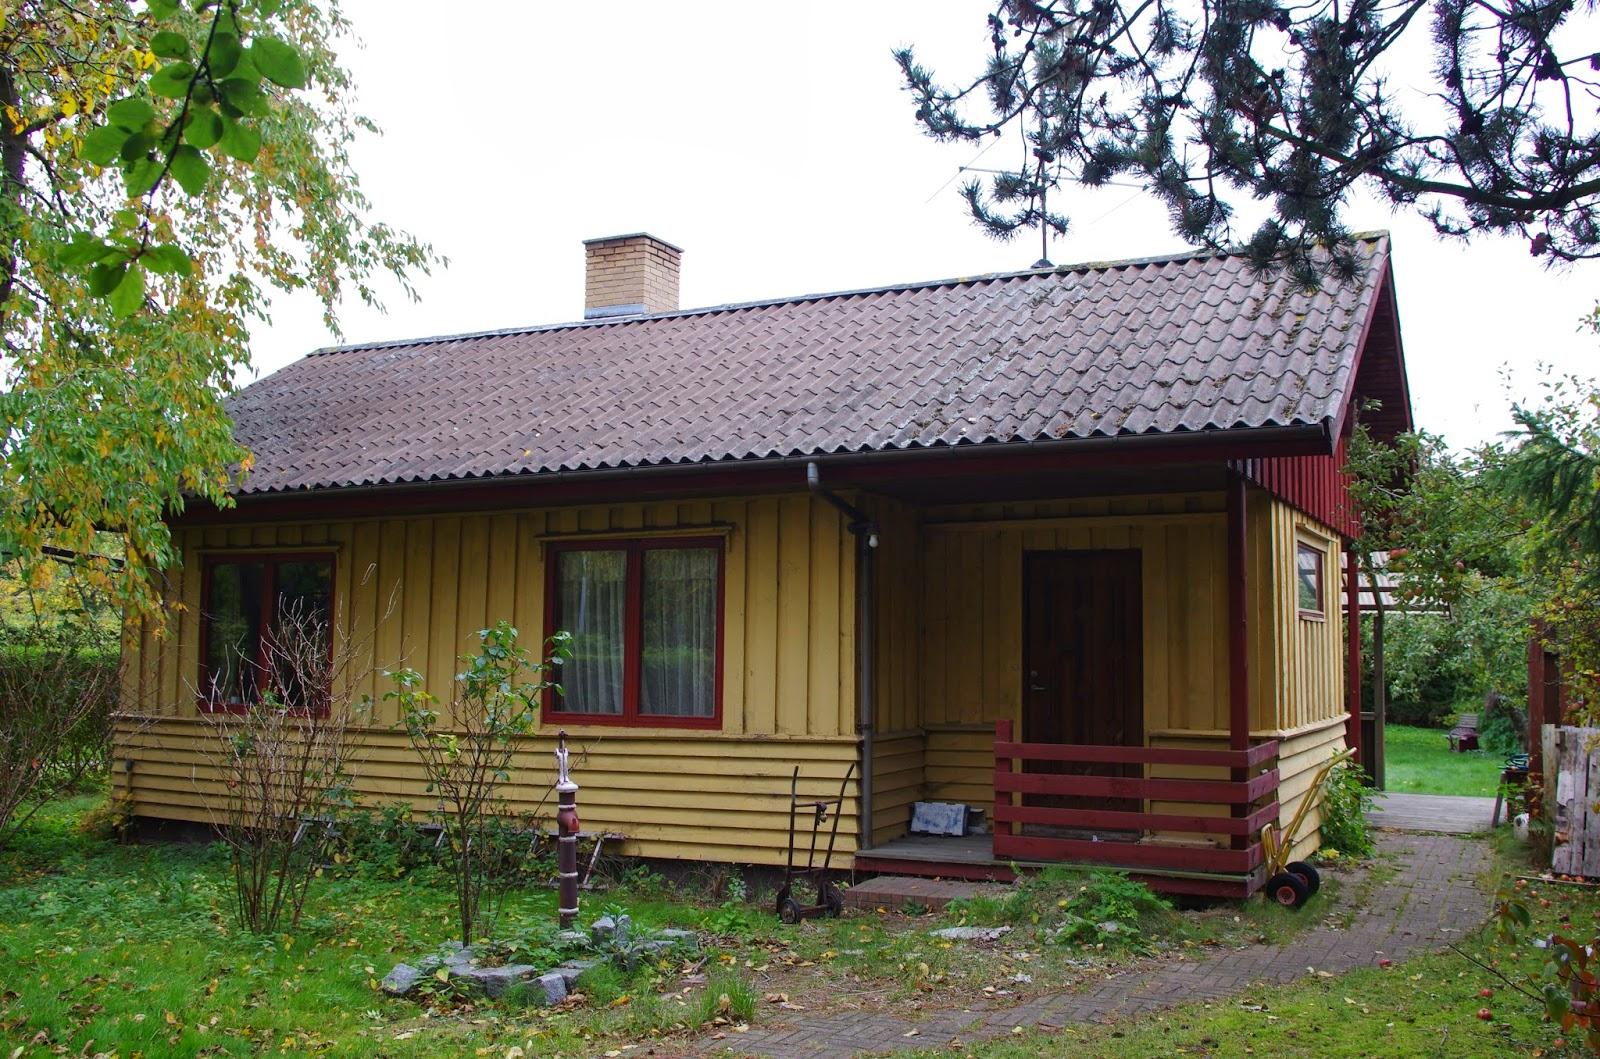 Det oprindelige sommerhus